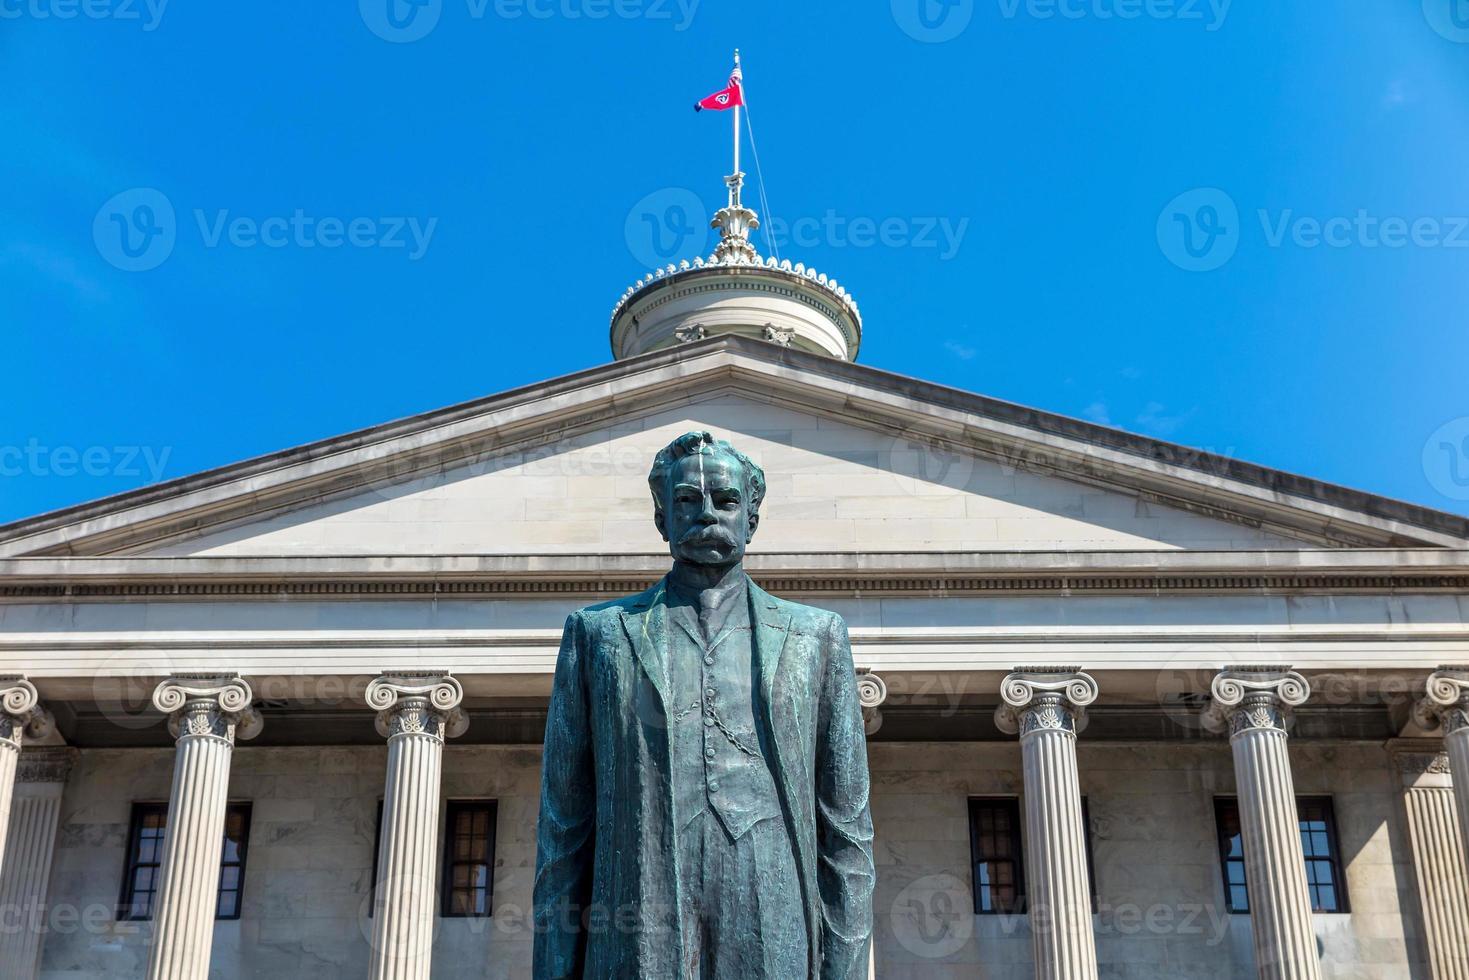 Das Tennessee State Capitol Gebäude in der Innenstadt von Nashville. foto